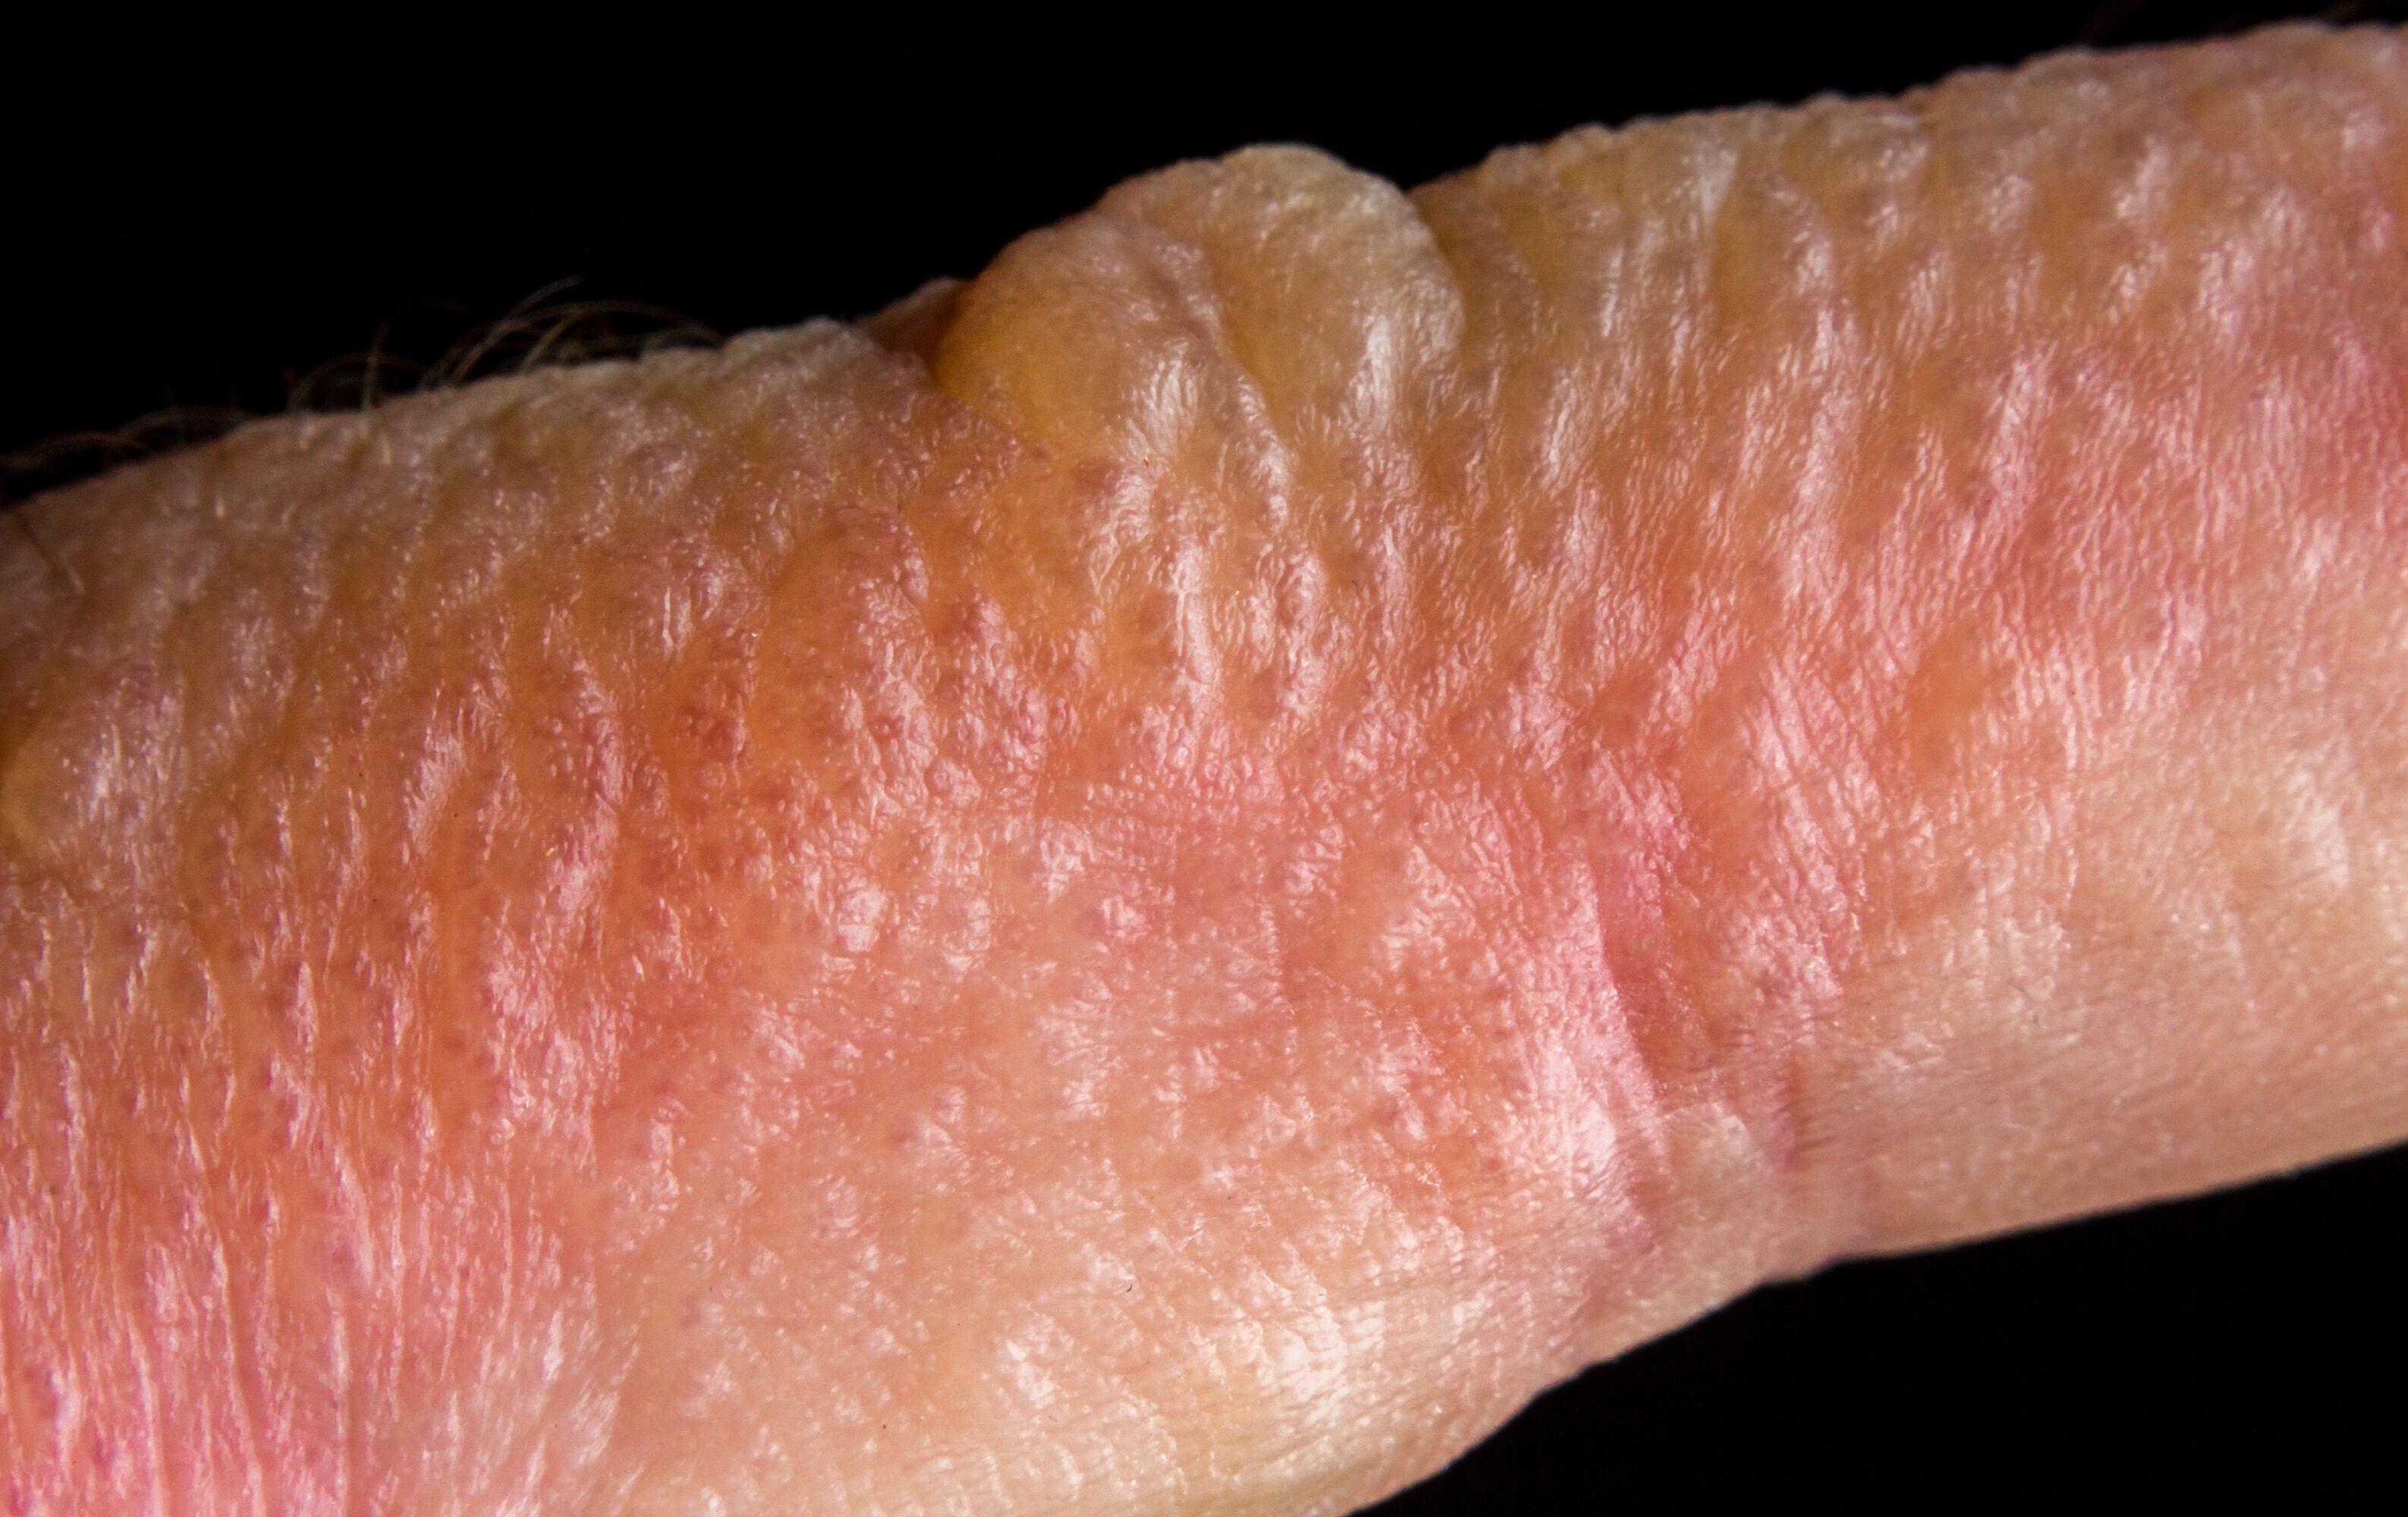 Poison ivy rash on the finger